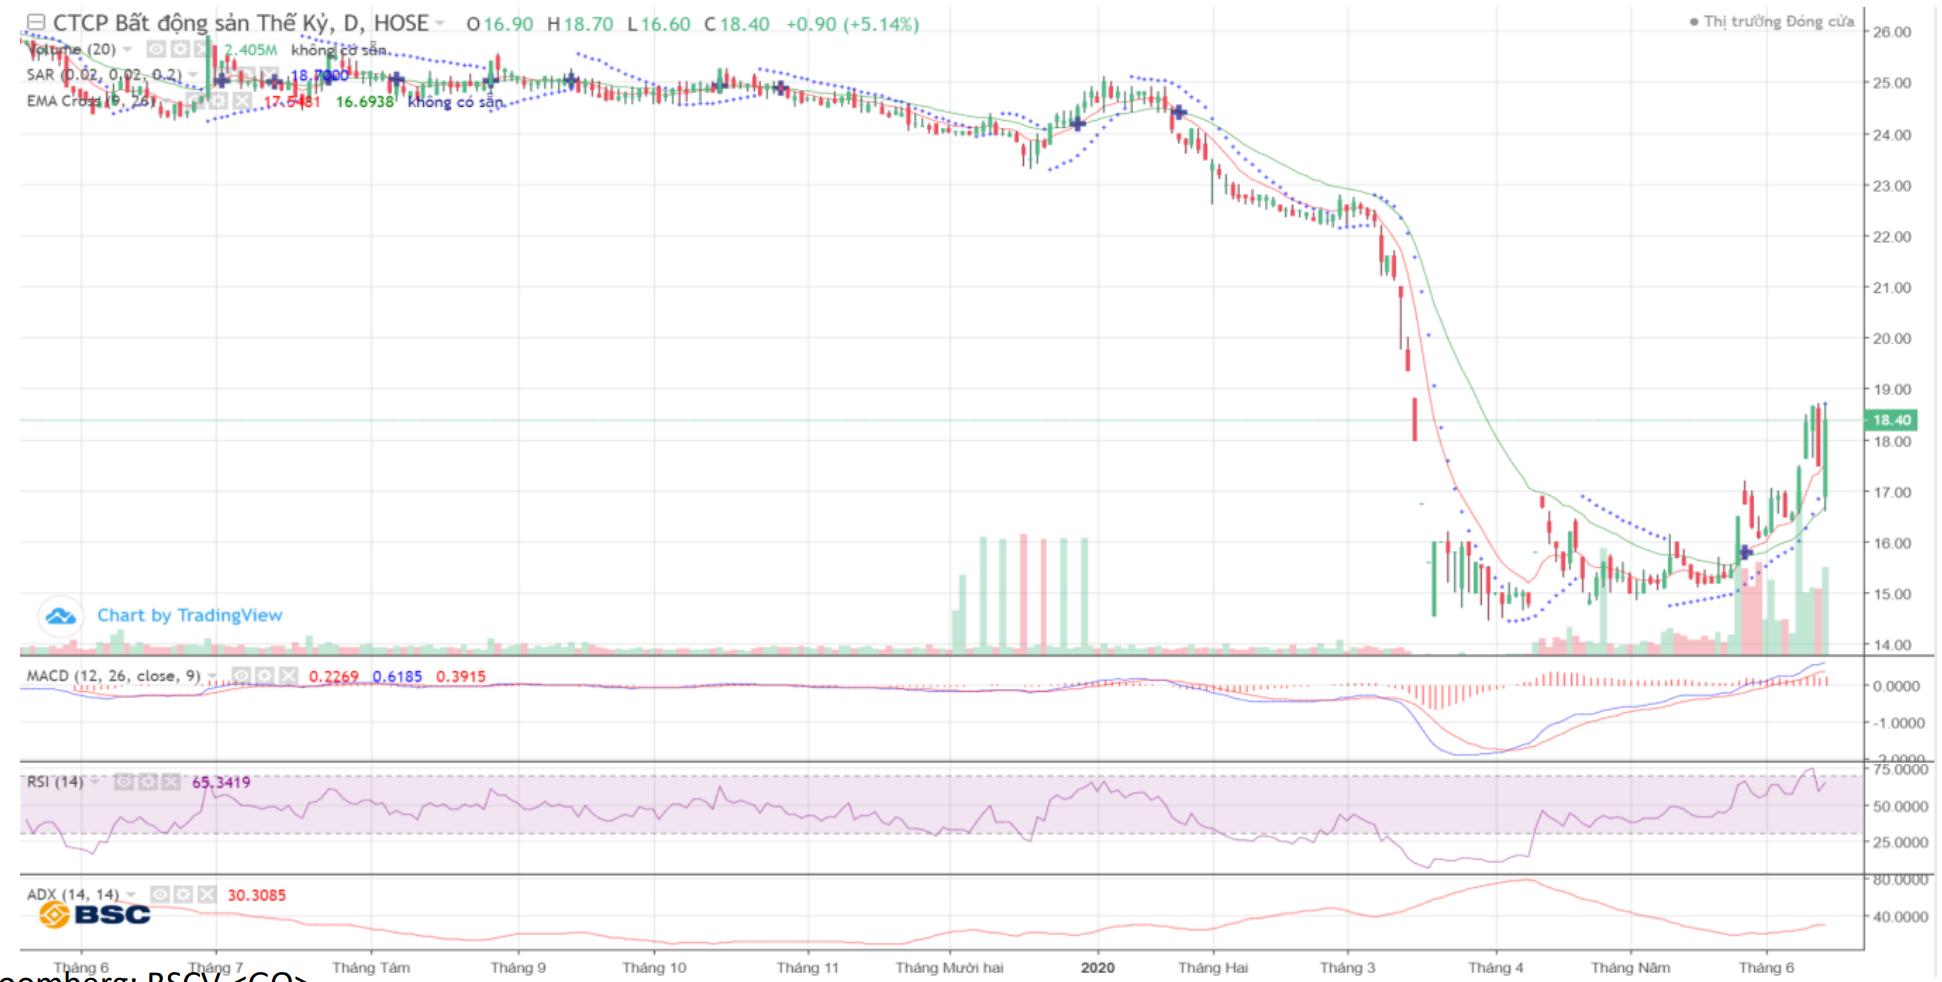 Cổ phiếu tâm điểm ngày 15/6: STB, CRE, NVL, SJS, CMG - Ảnh 3.